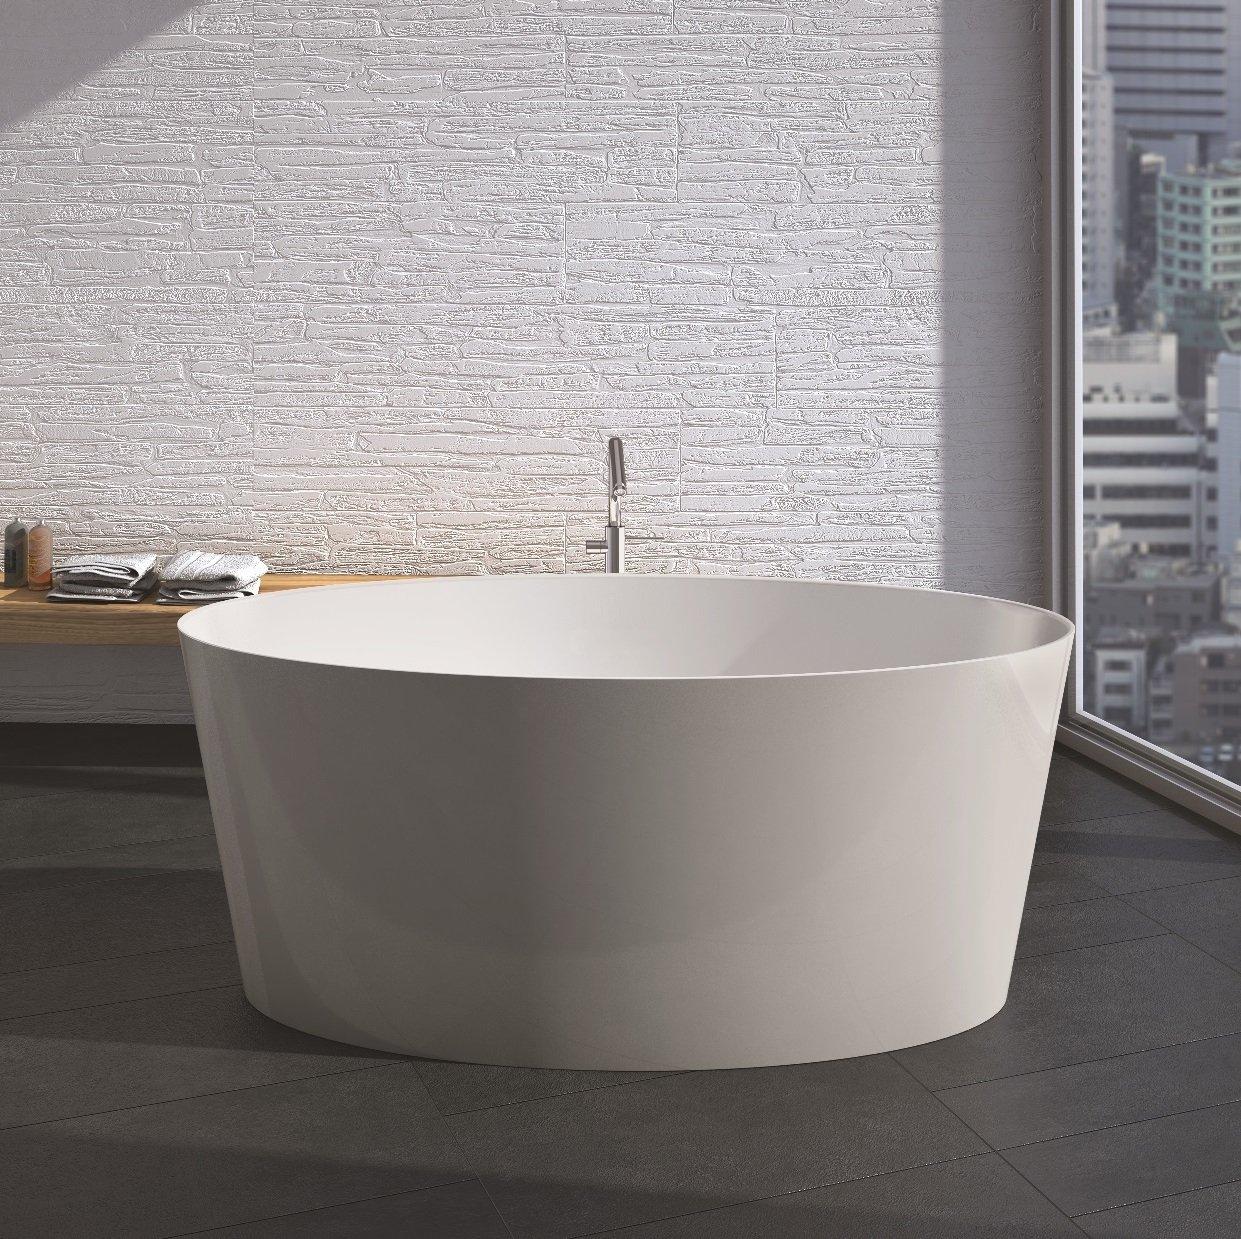 Vasca esterna hotel vasca profumi with vasca esterna for Vasca da bagno esterna